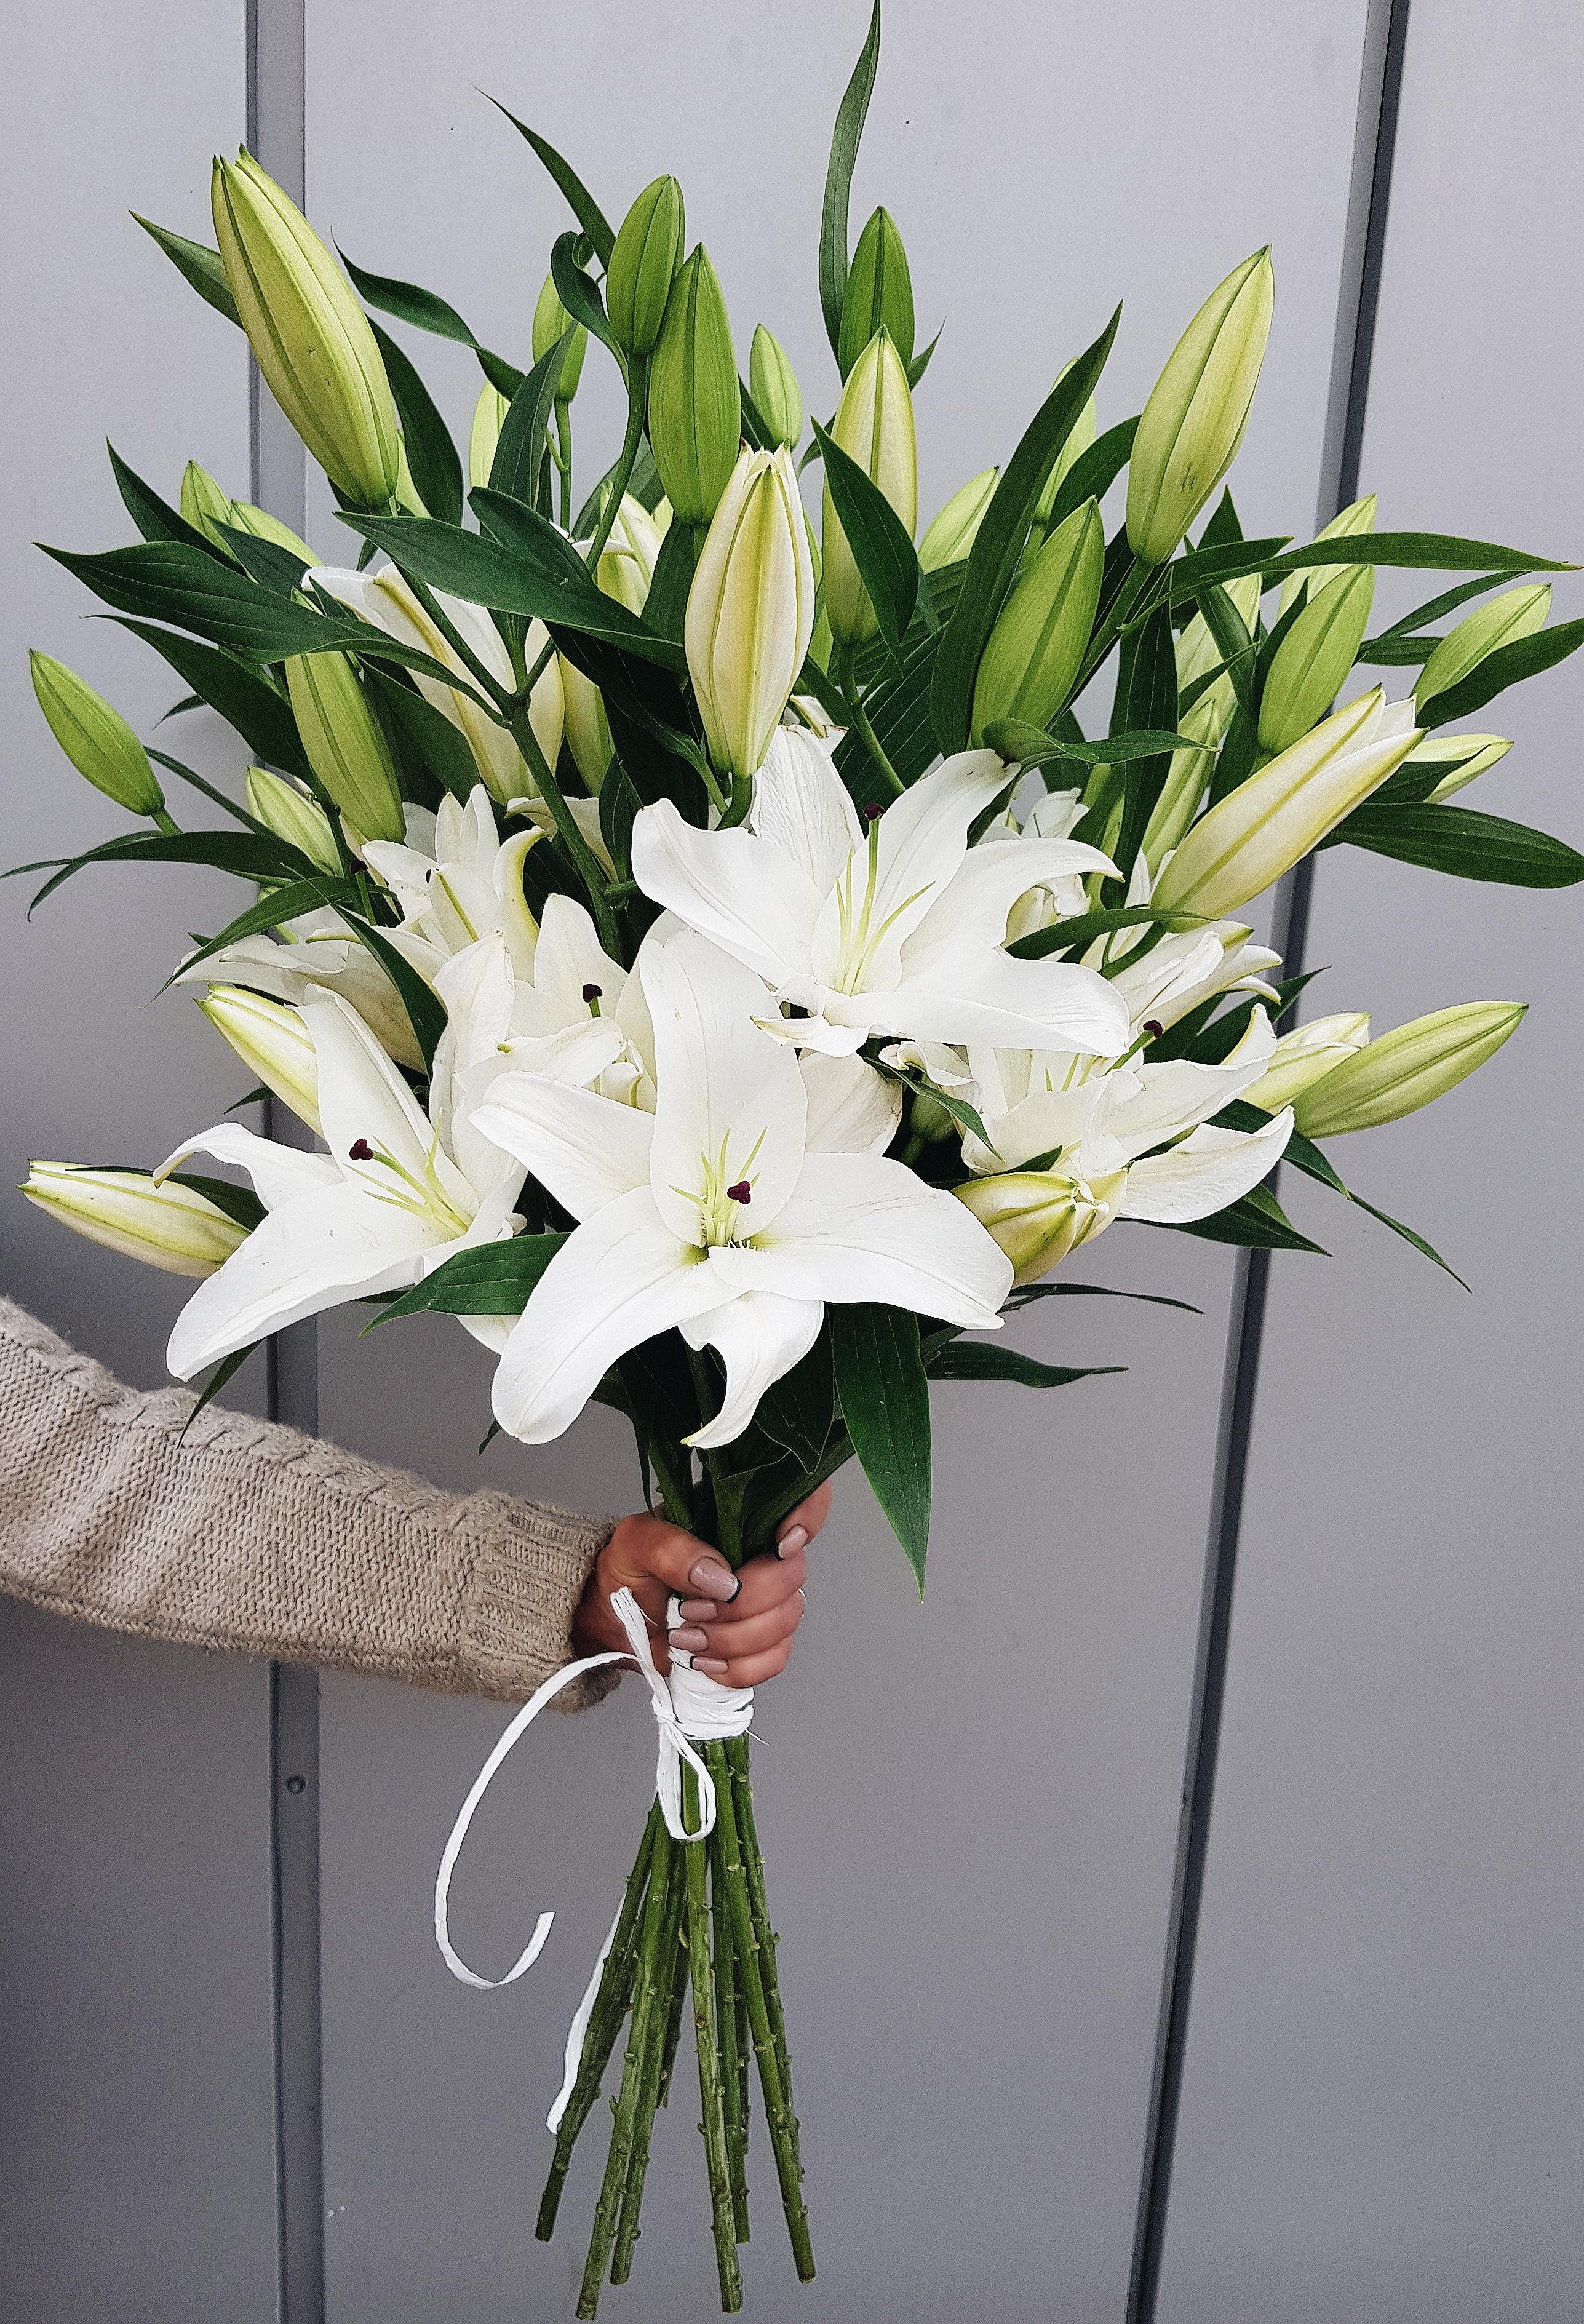 отличный картинки шикарные букеты белых лилий также утверждал